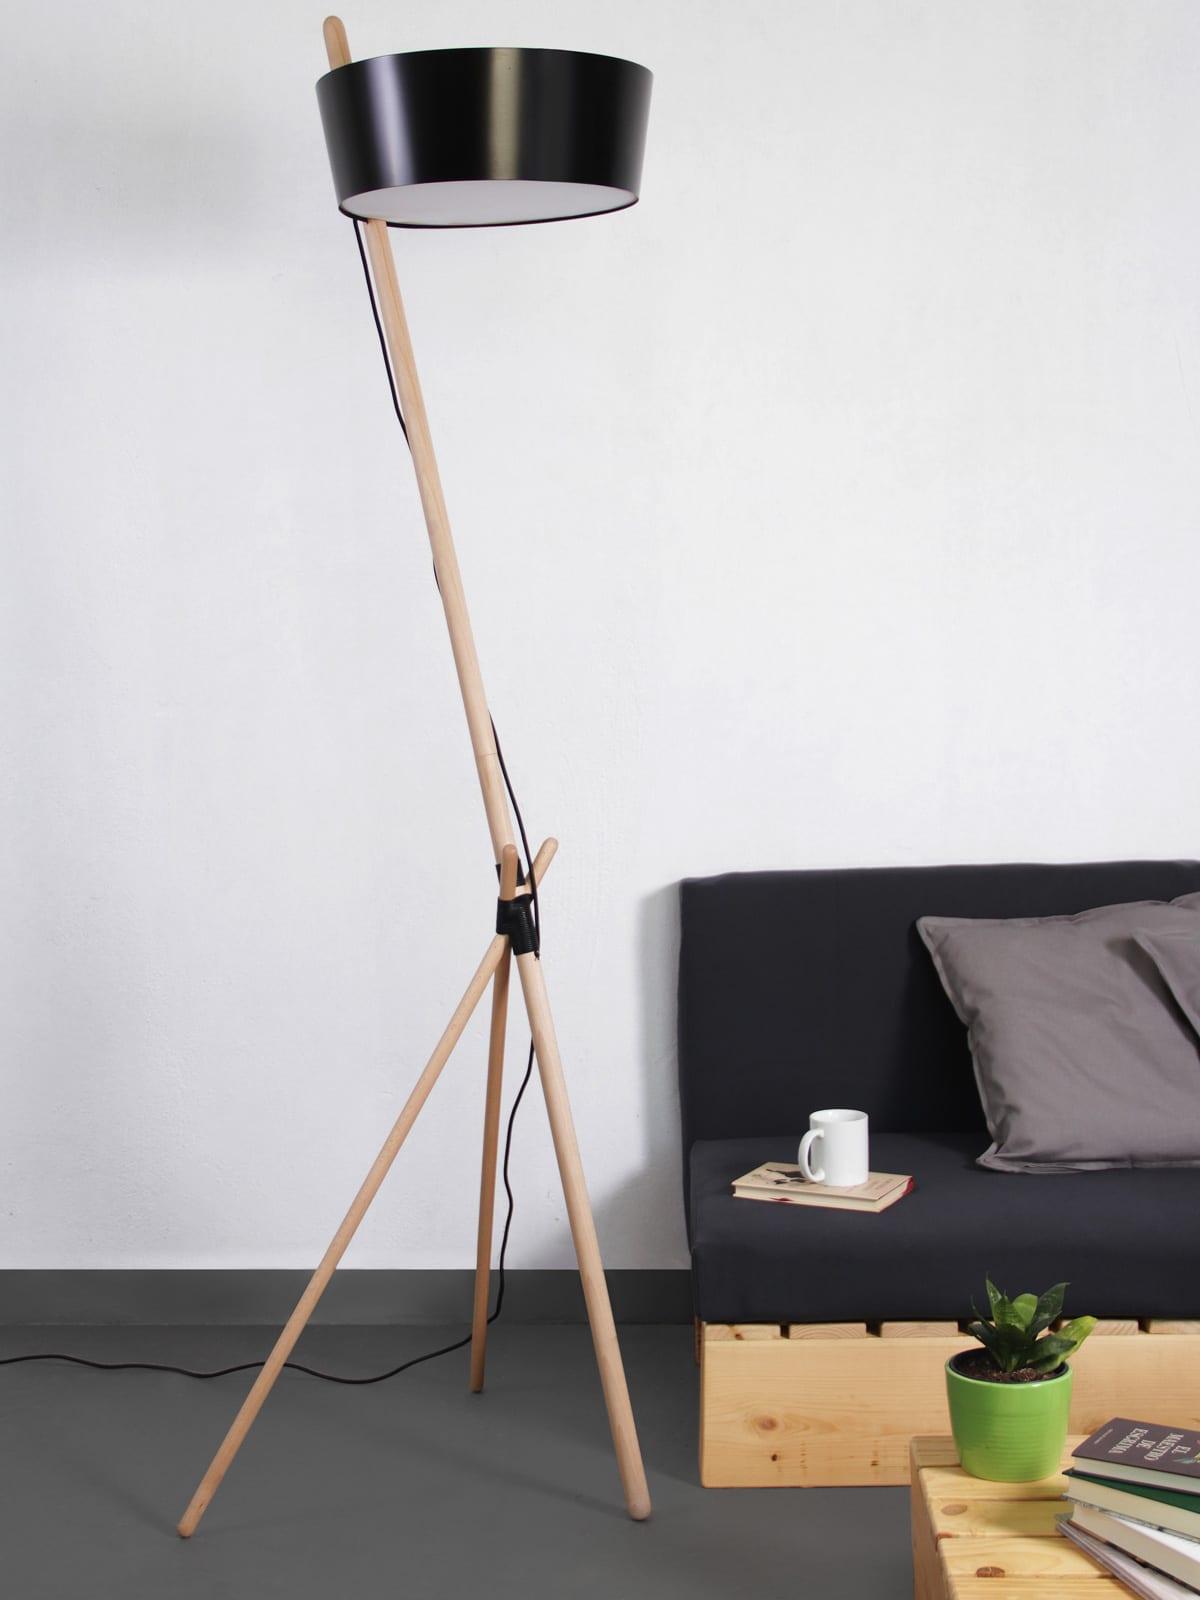 DesignOrt Blog: Dreibeinige Designerleuchten KA Lamp XL